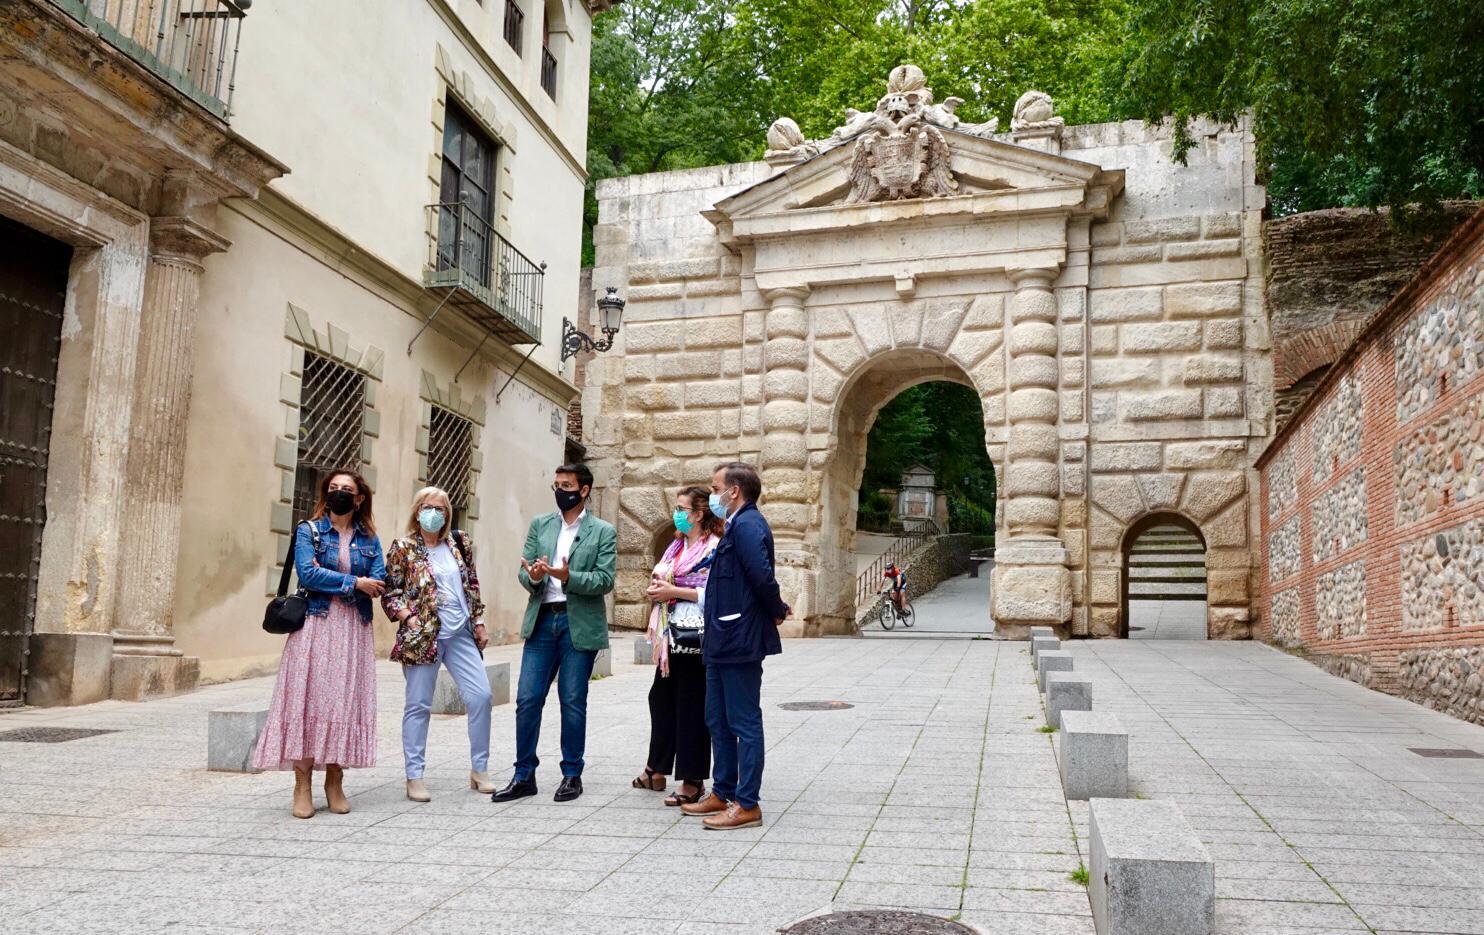 Cuenca acusa a la Junta de arrasar las cuentas de la Alhambra y exige que se inviertan los 27 millones comprometidos para Granada